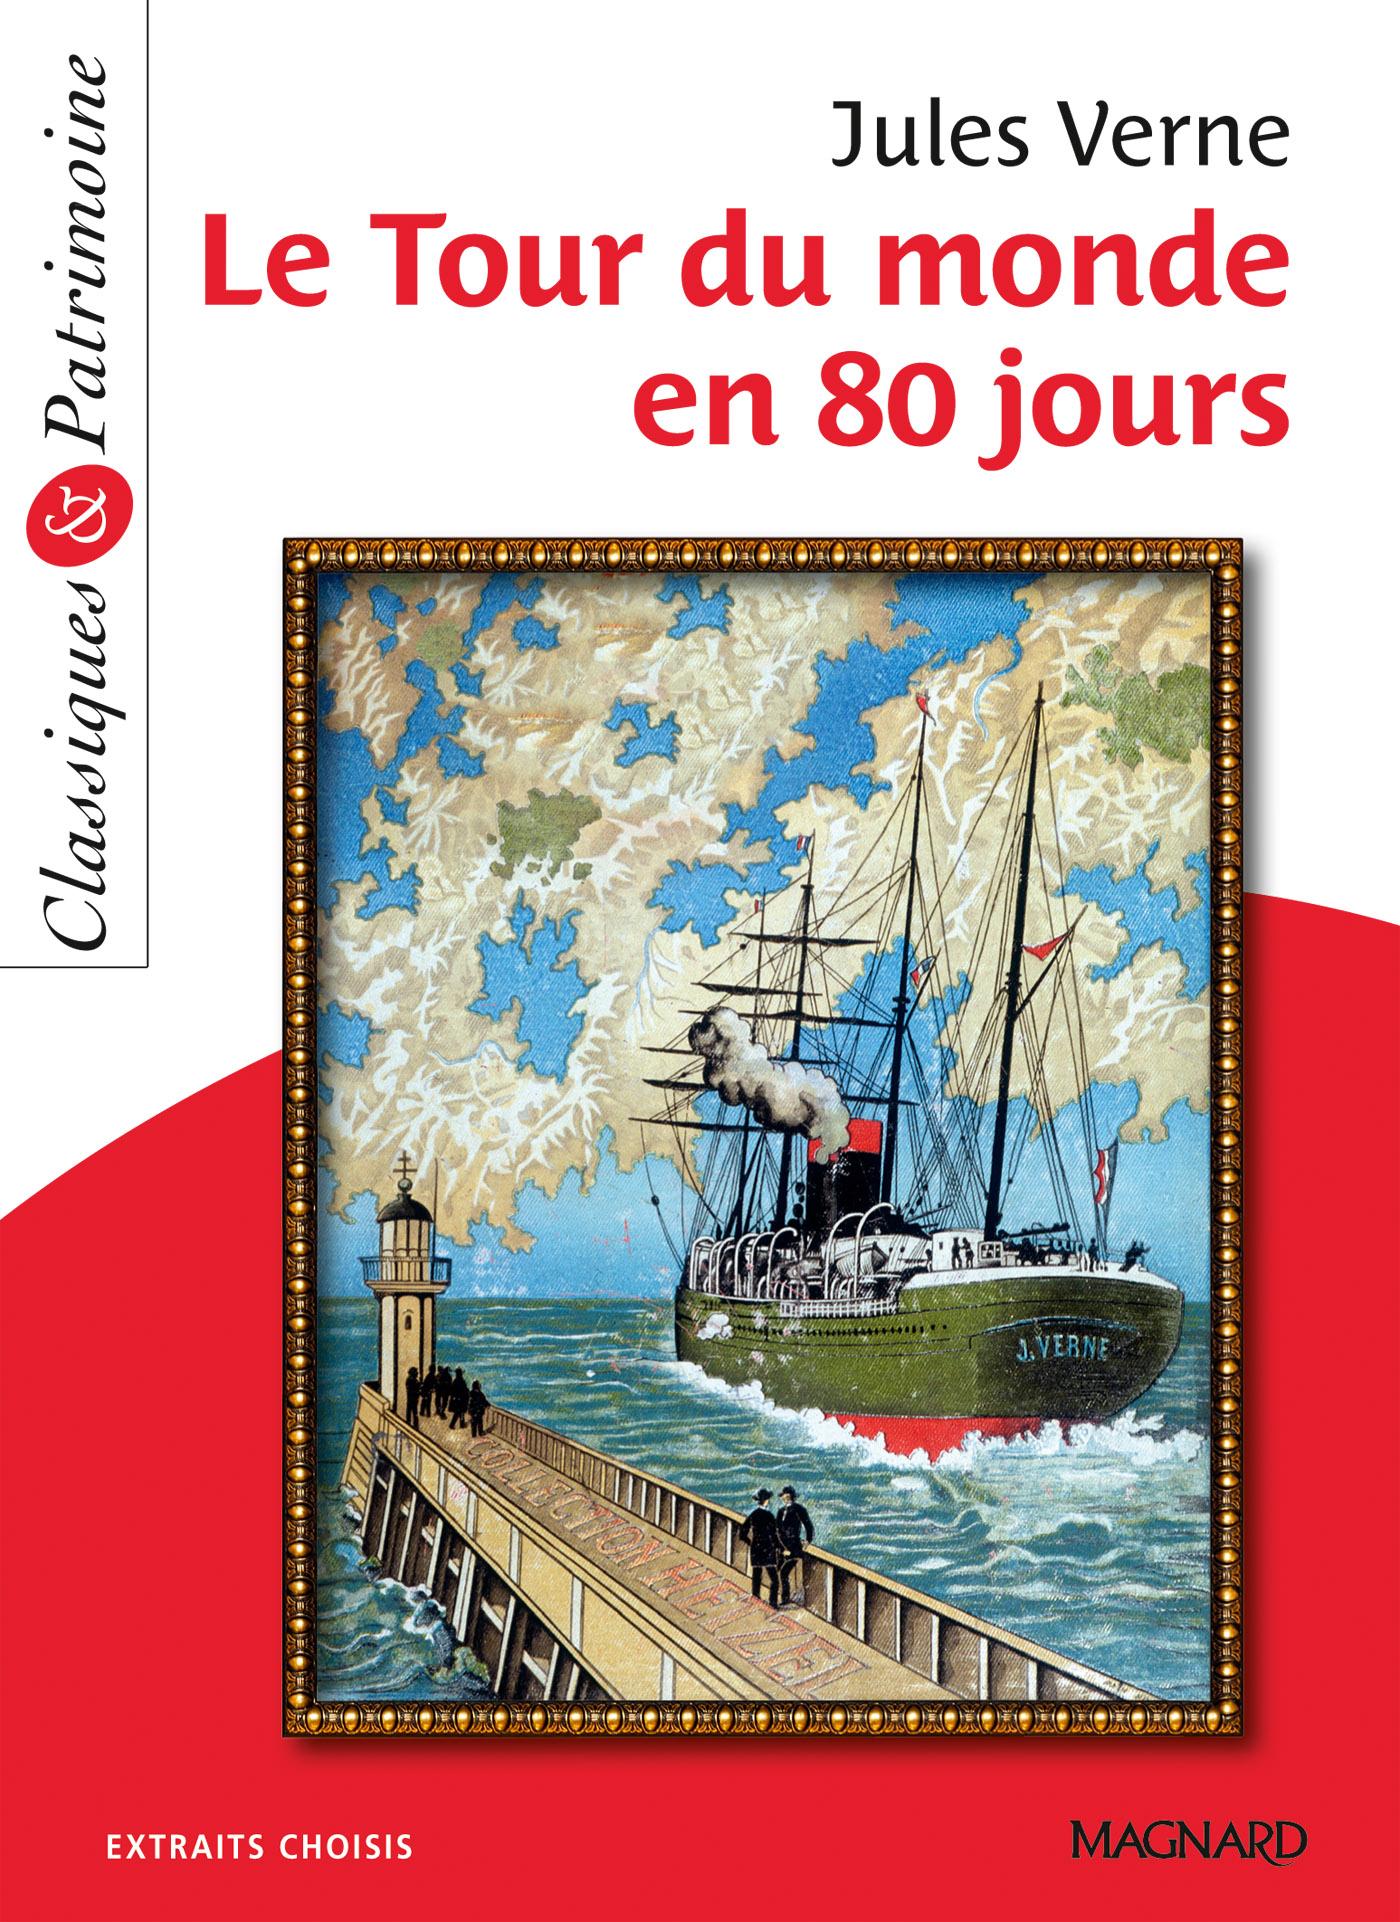 http://classiquesetpatrimoine.magnard.fr/wp-content/uploads/sites/3/couv/9782210743625-g.jpg